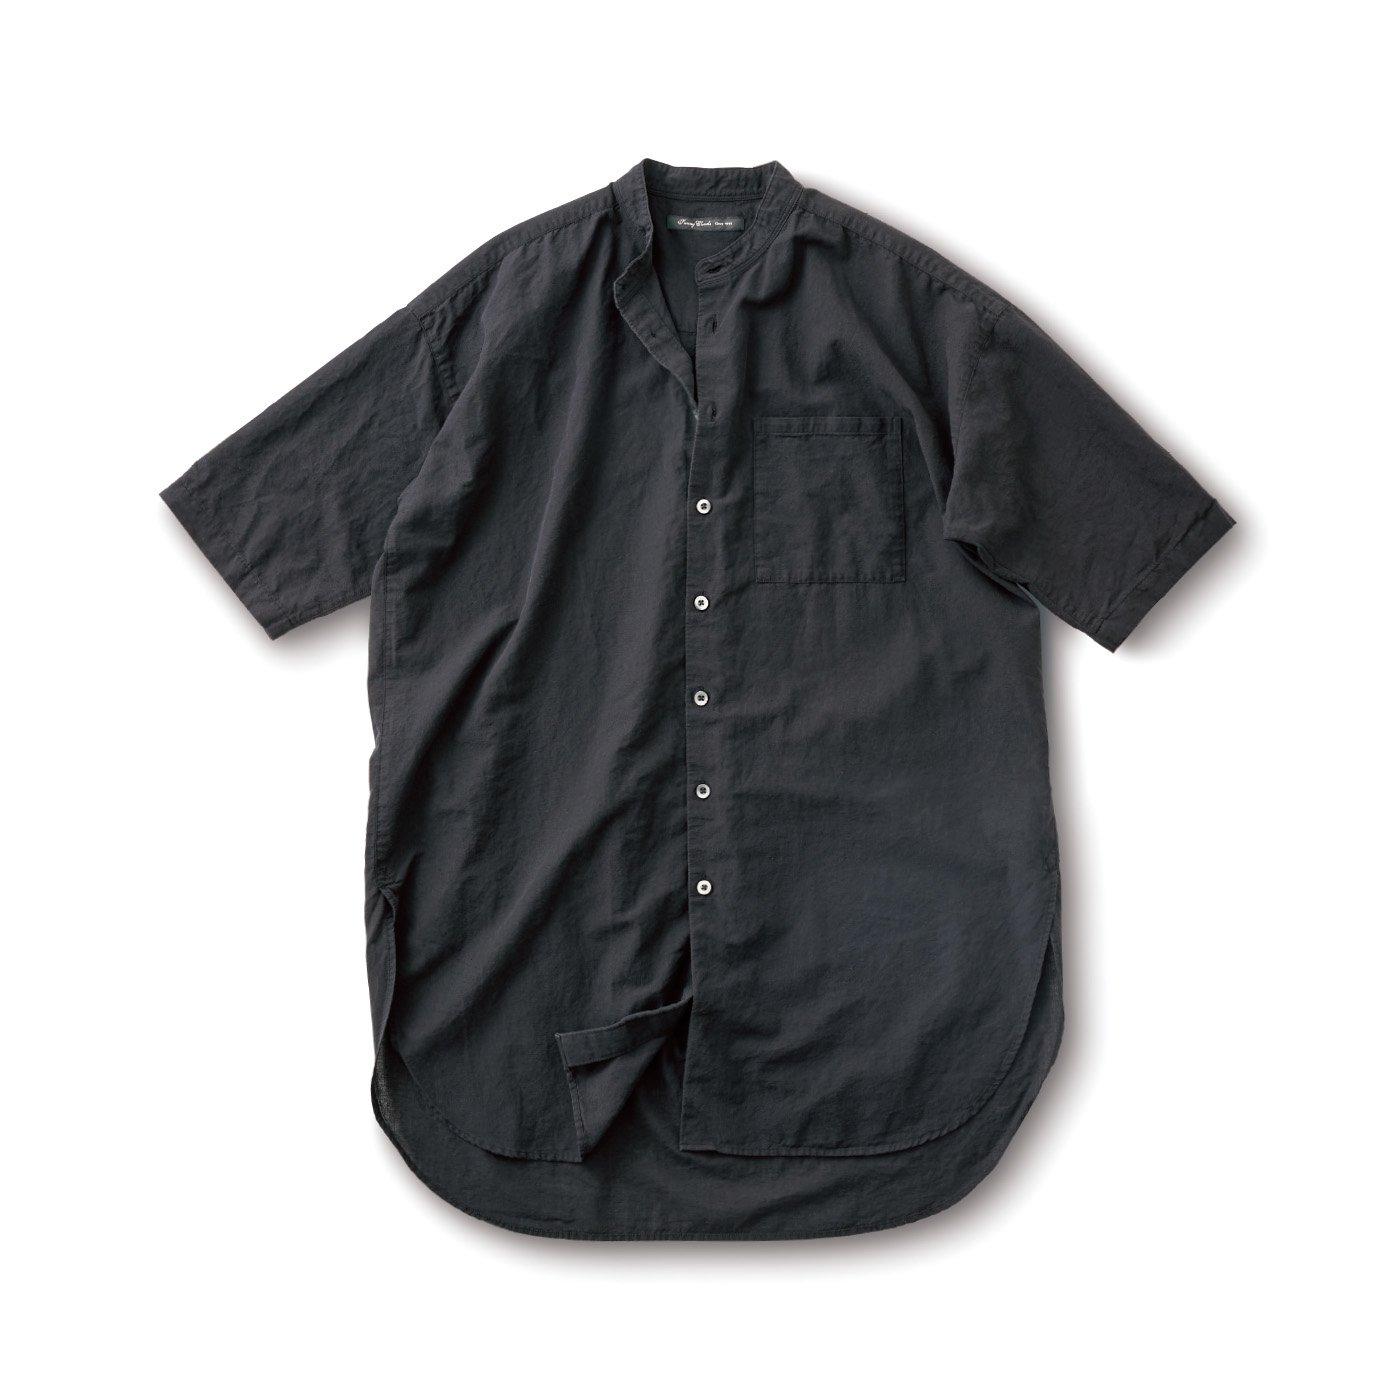 サニークラウズ 魔王の極薄シャツ〈メンズ〉